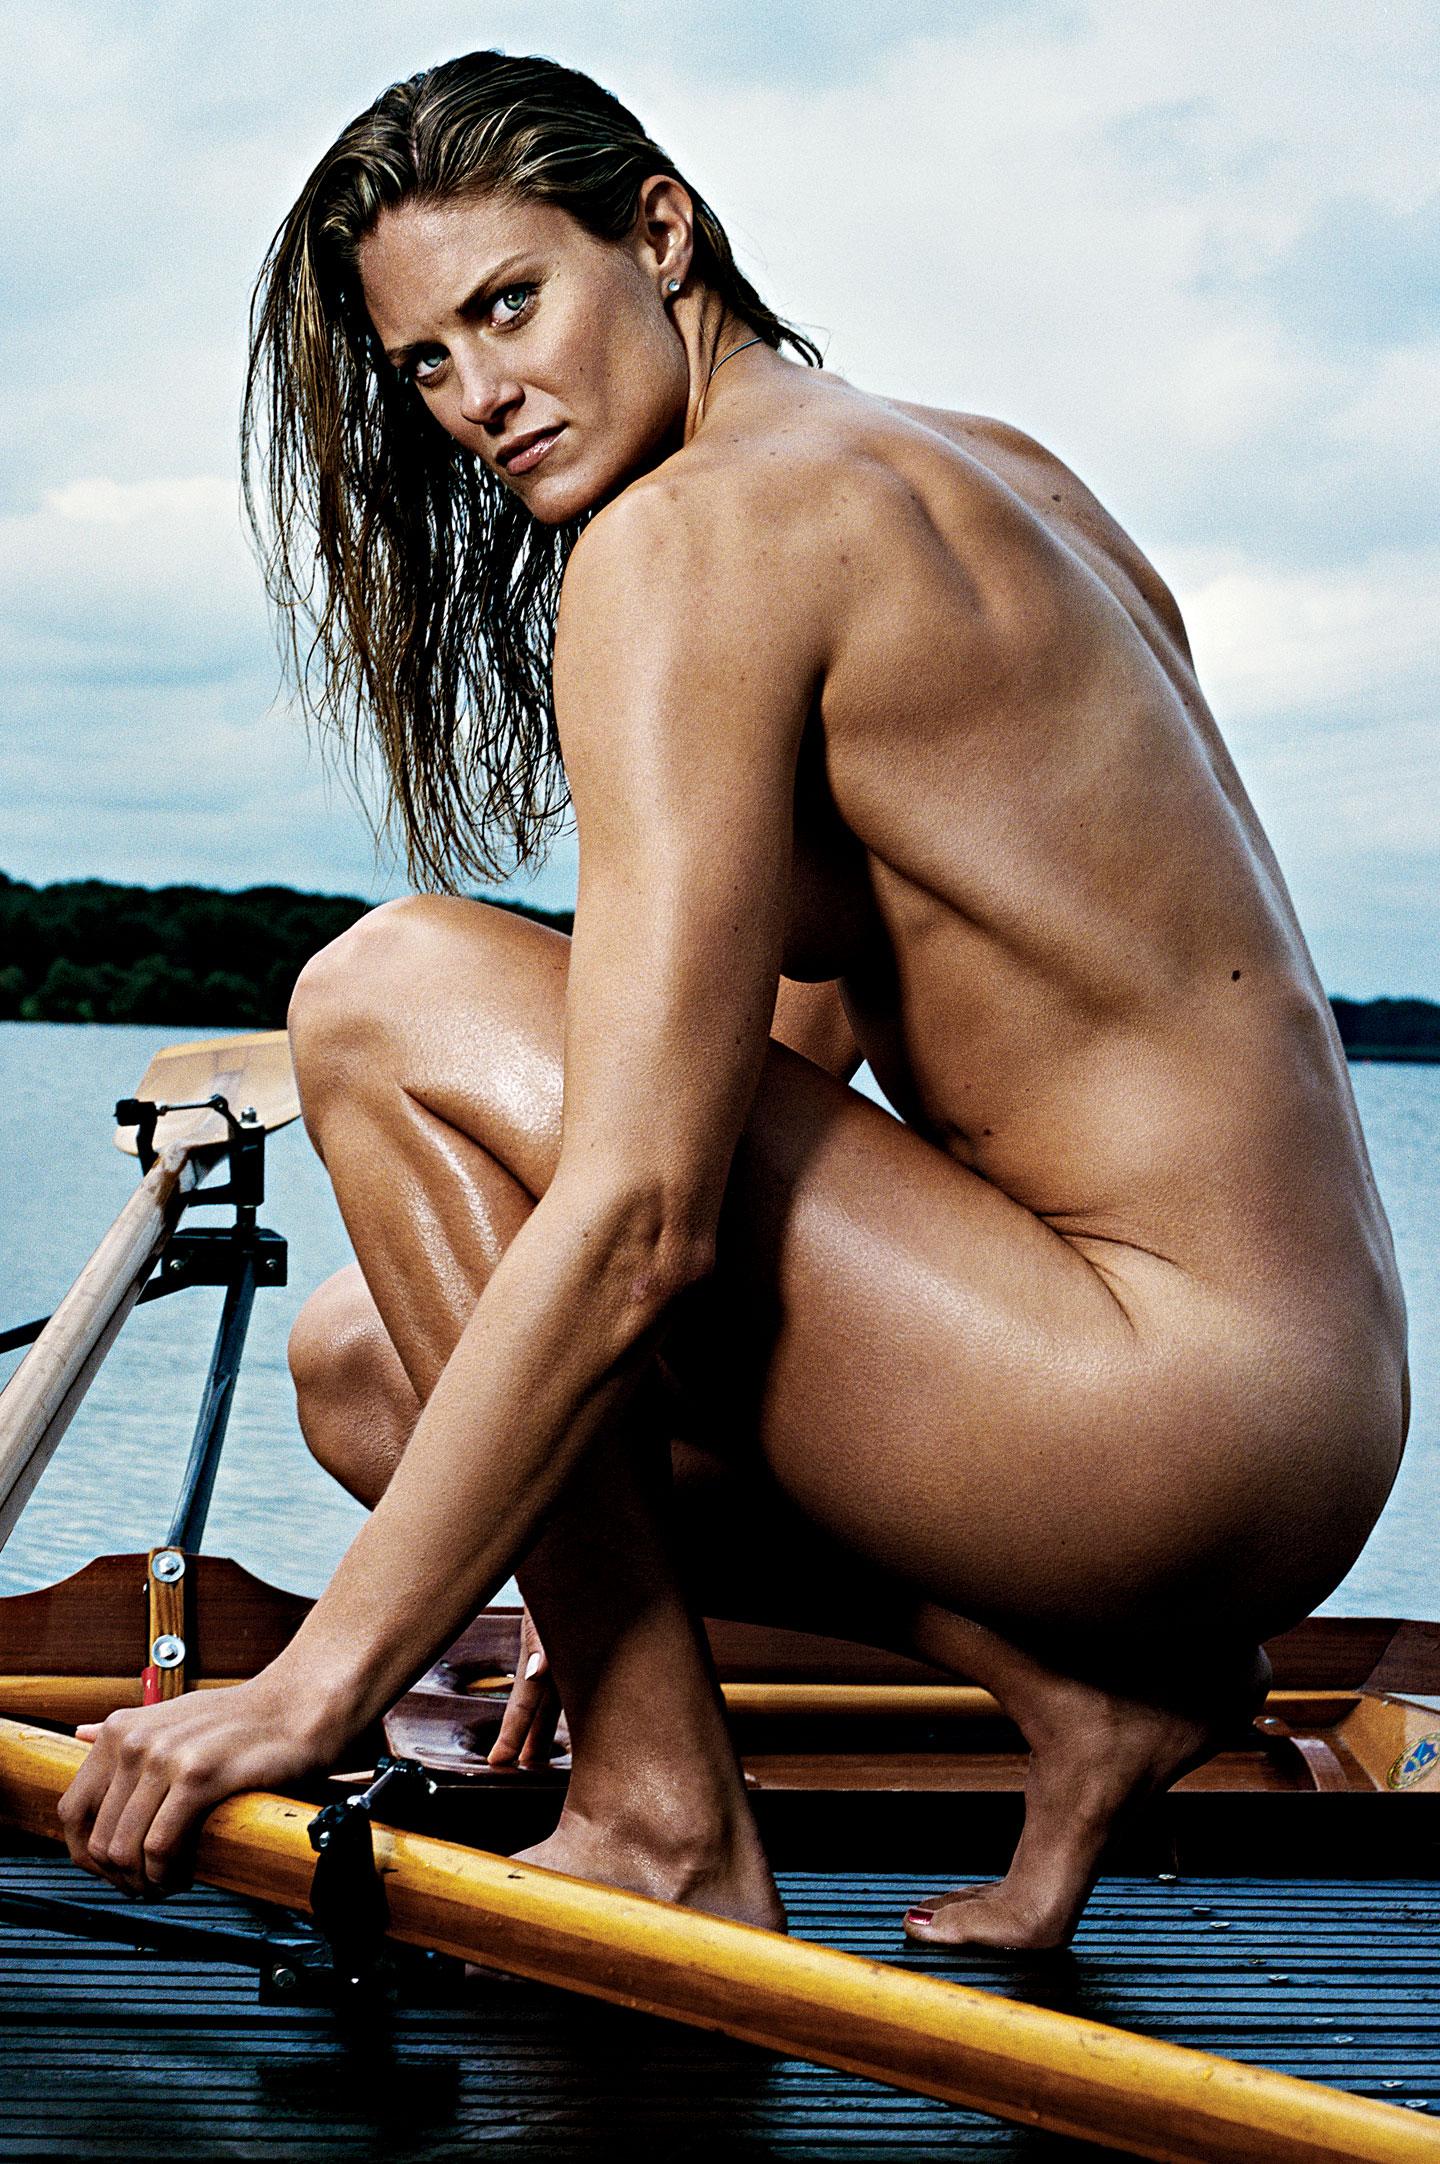 Feet ESPN BODY ISSUE 2015 nudes (89 foto and video), Sexy, Sideboobs, Selfie, panties 2017